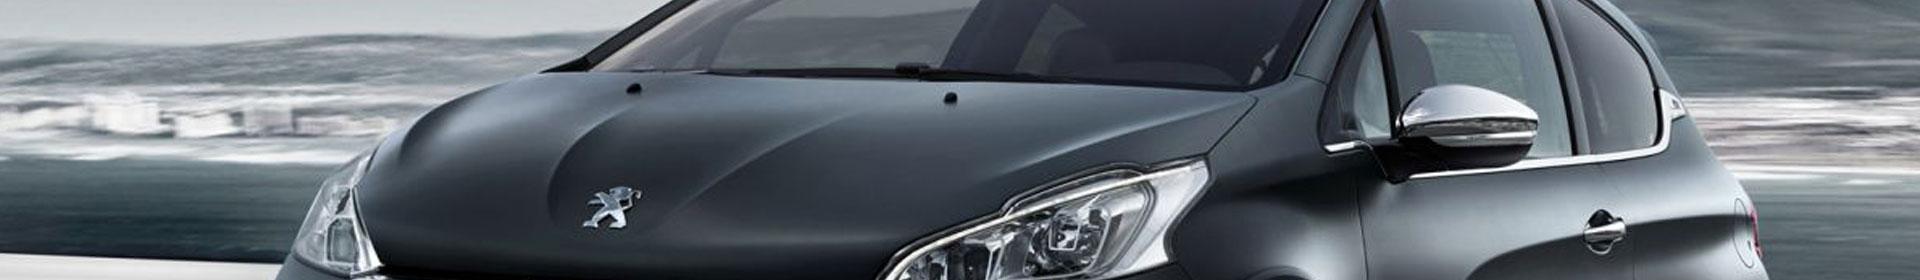 Auto Louwes nieuwe en gebruikte auto's -